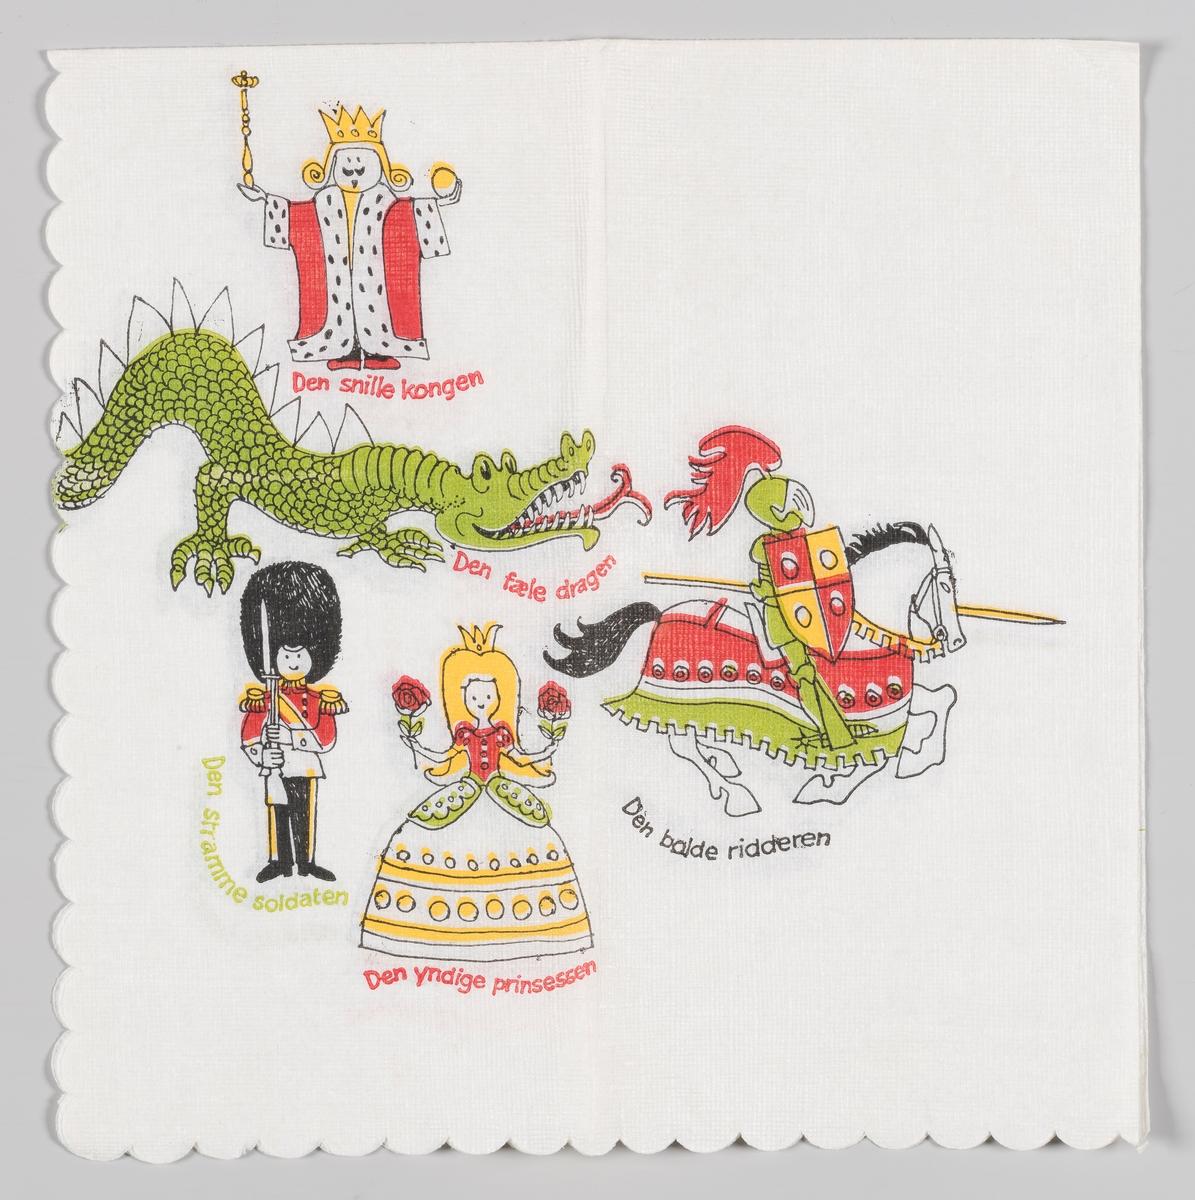 En konge, en drake, en soldat, en prinsesse og en ridder på hest.